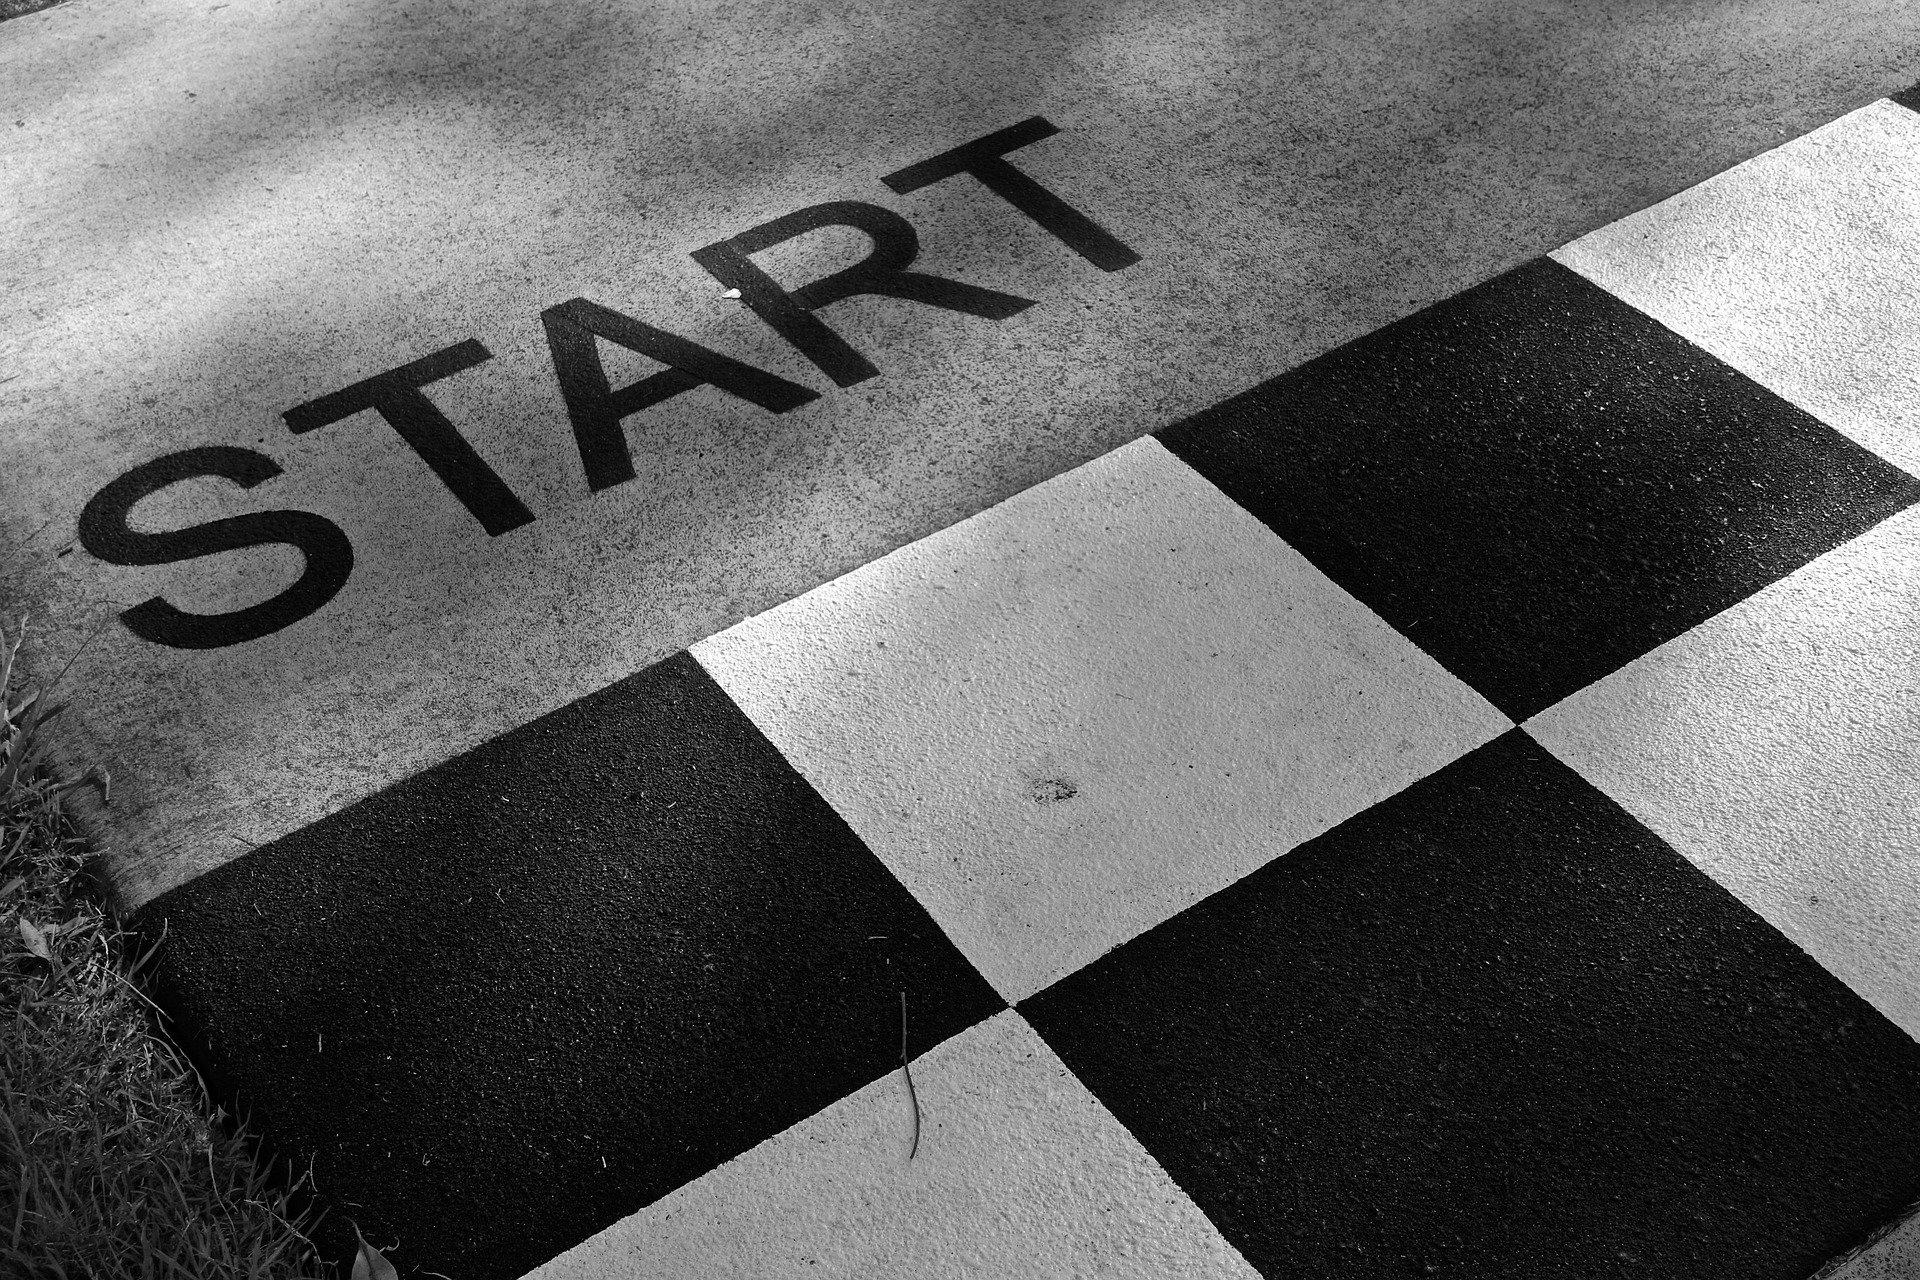 中小企業診断士 実務補習への準備【何事も準備は大事】